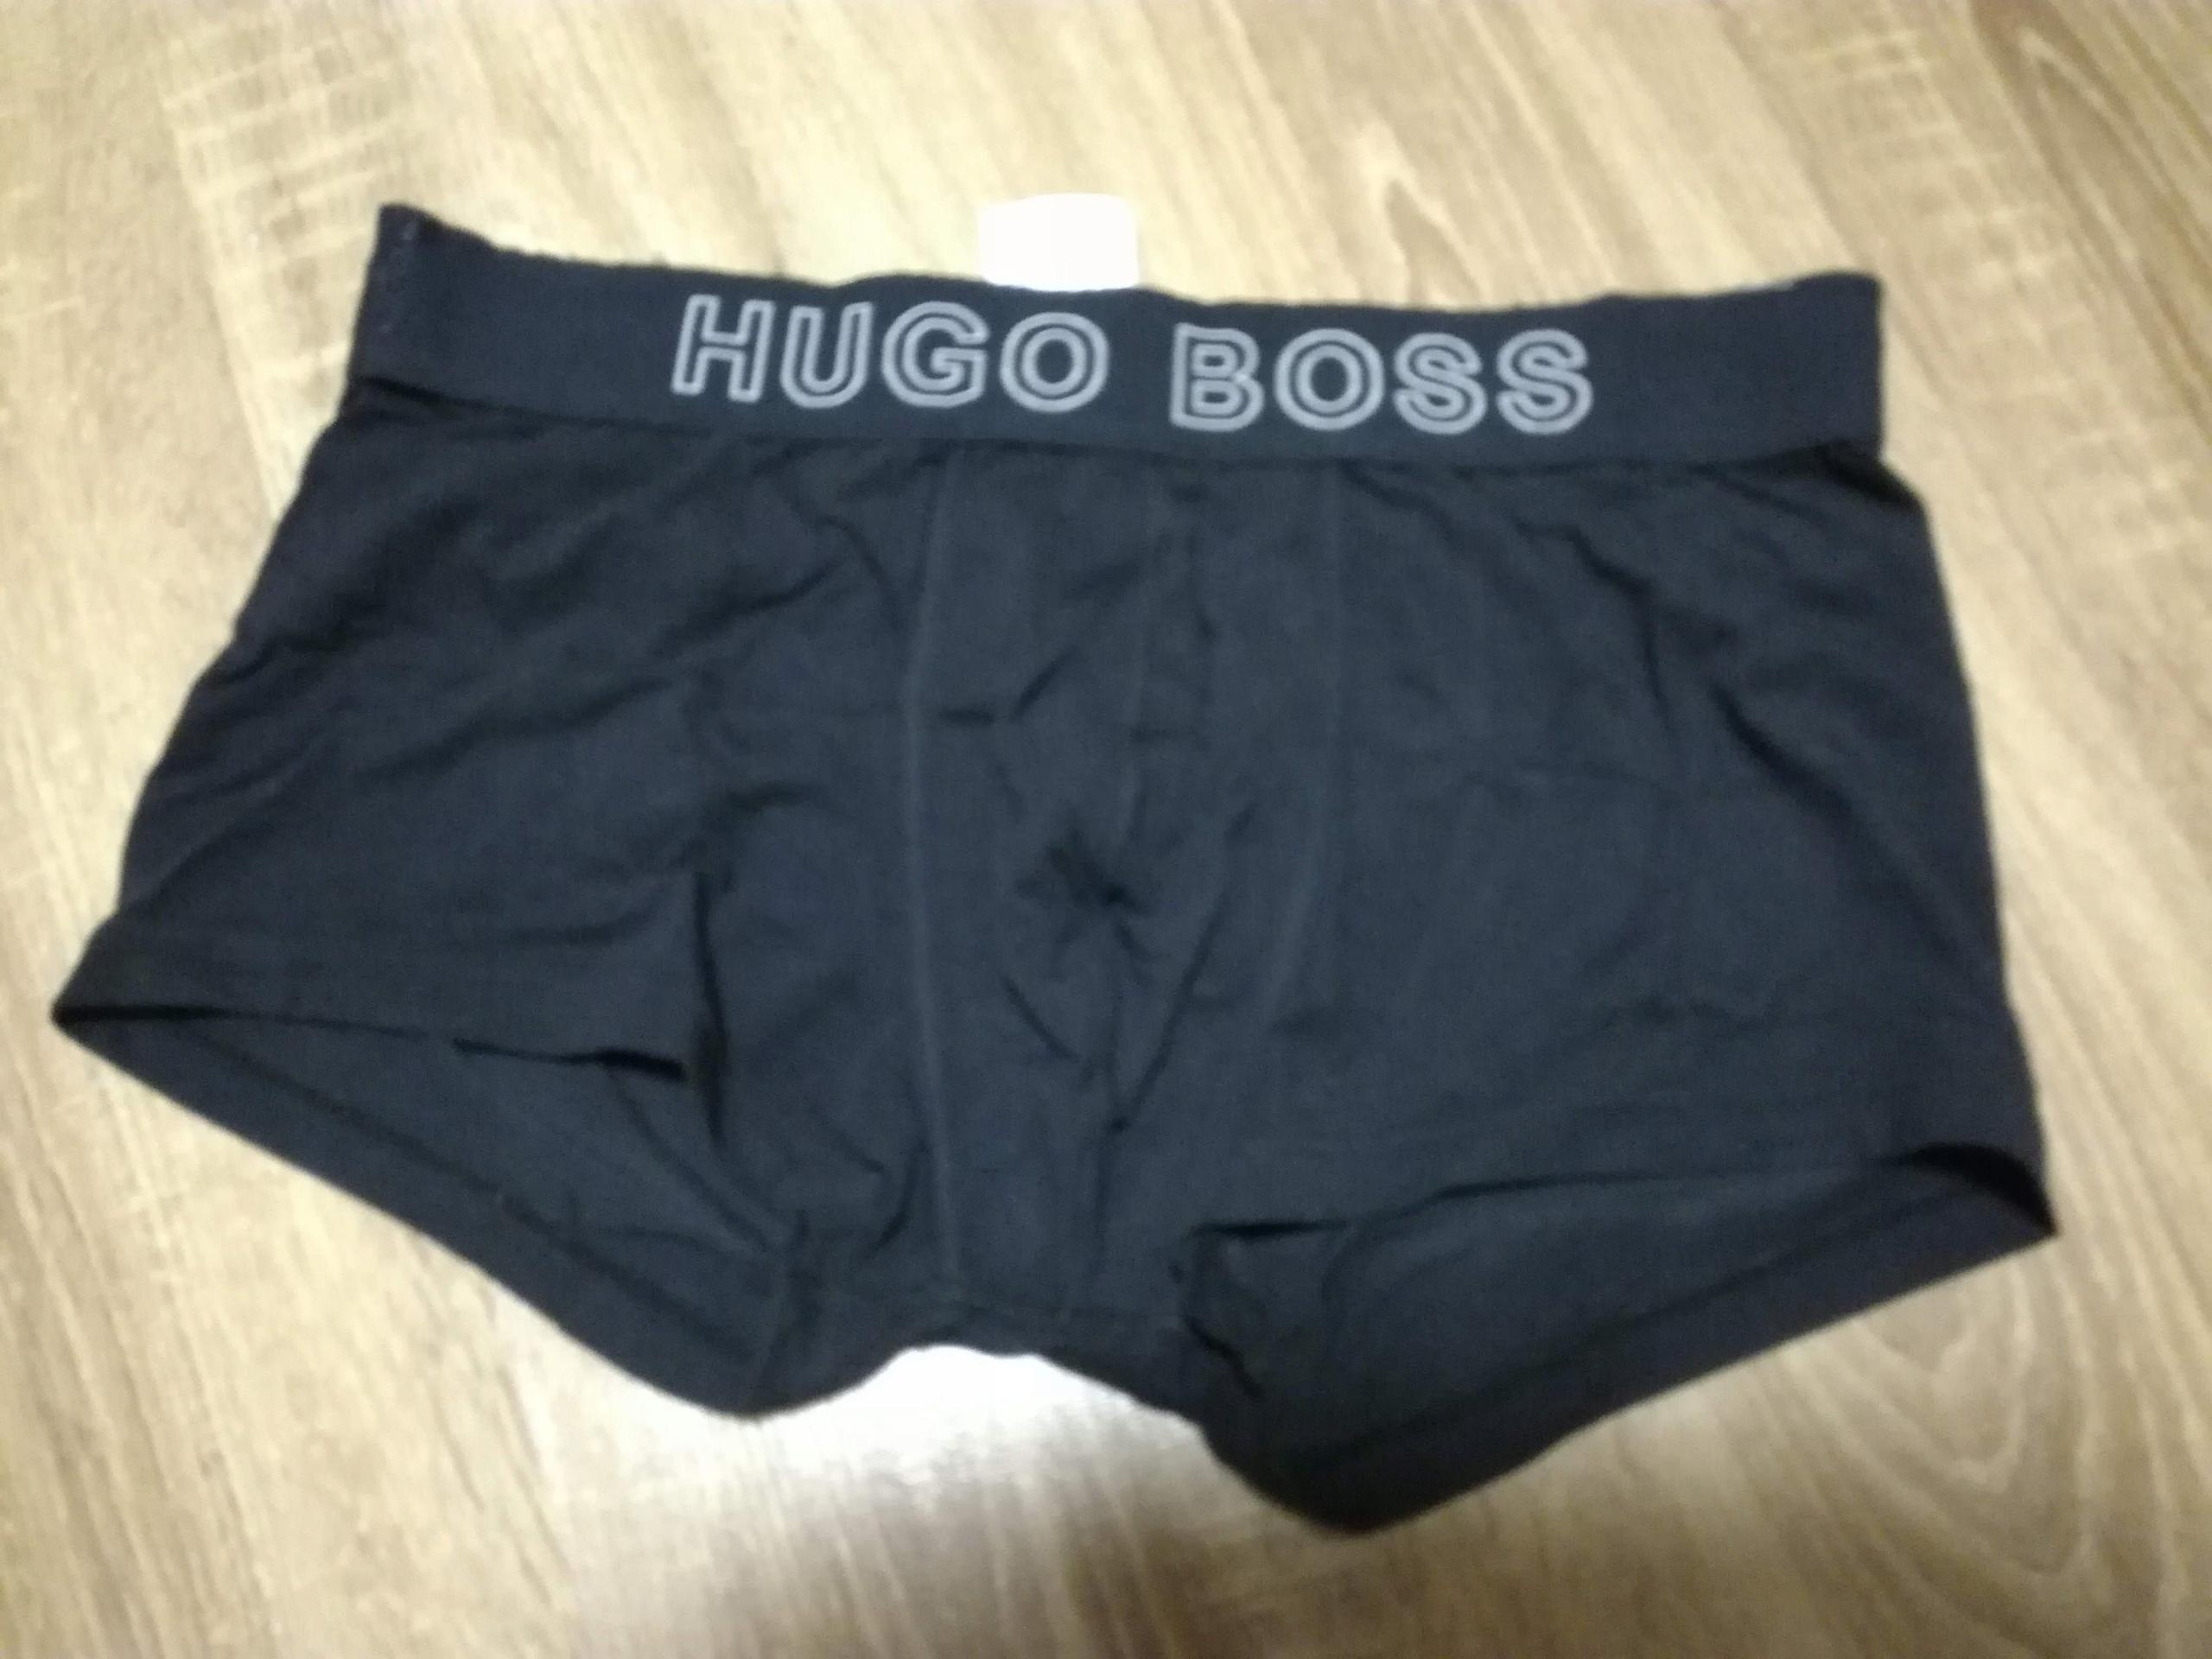 Hugo Boss Majtki/ bokreski męskie L granat